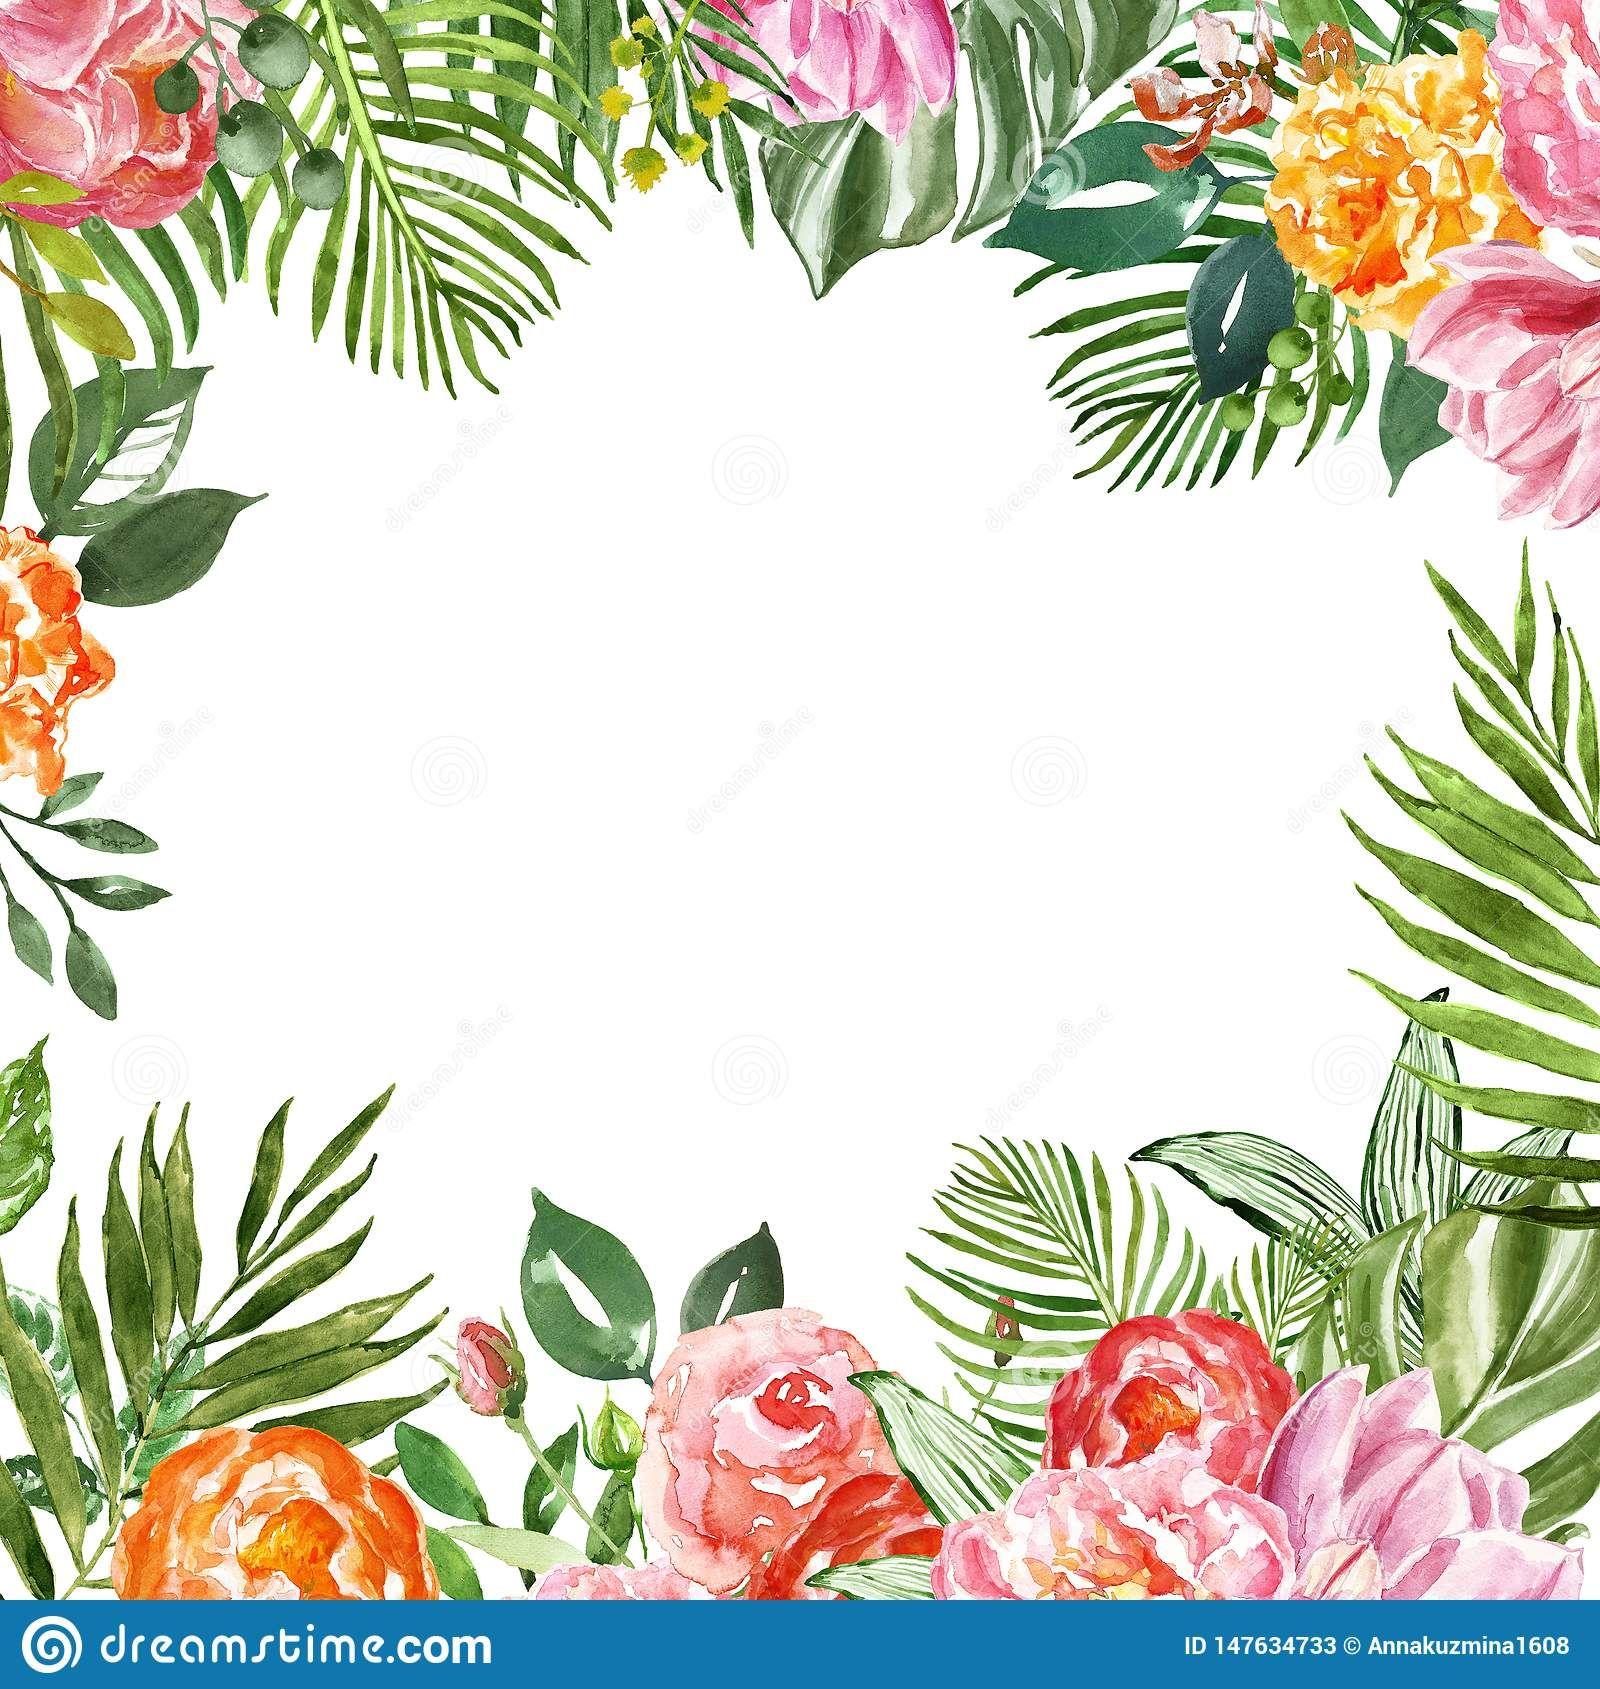 Pin On Summer Illustrations